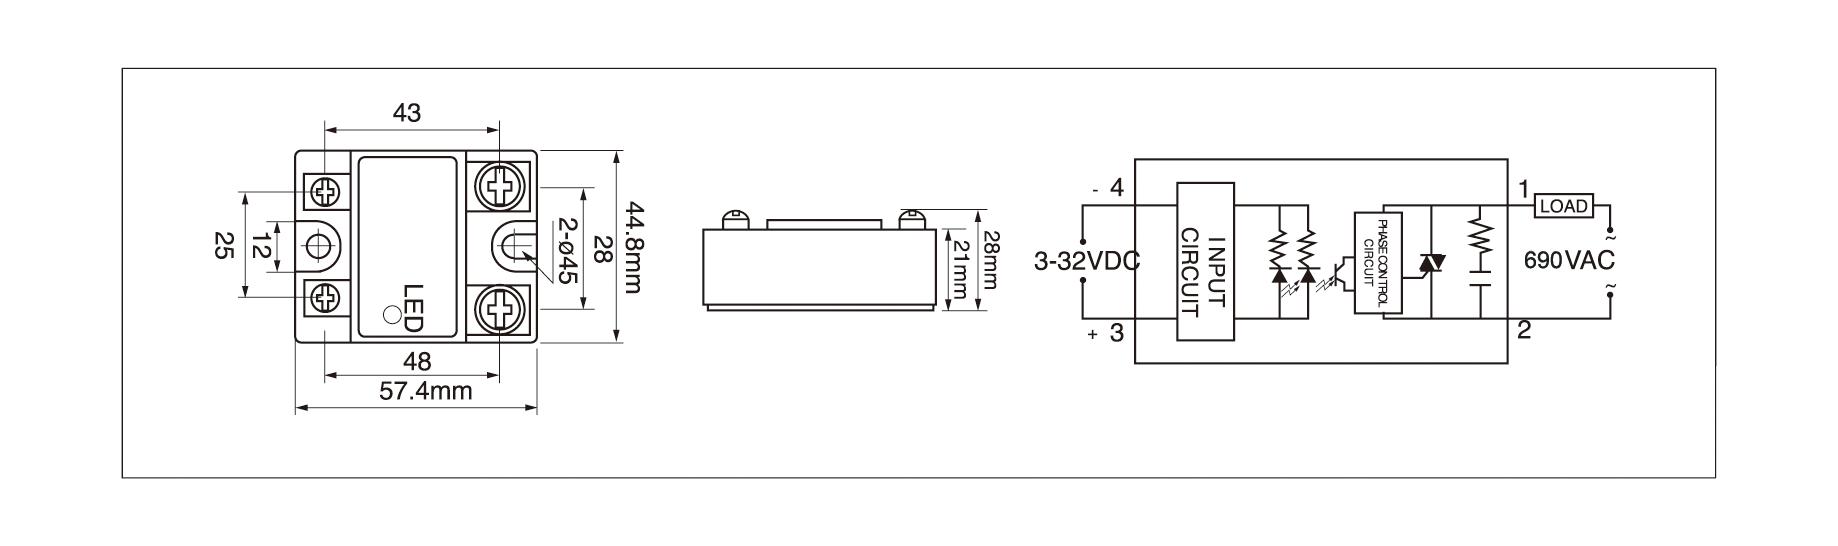 Dimension and circuit diagram - MGR 1D69